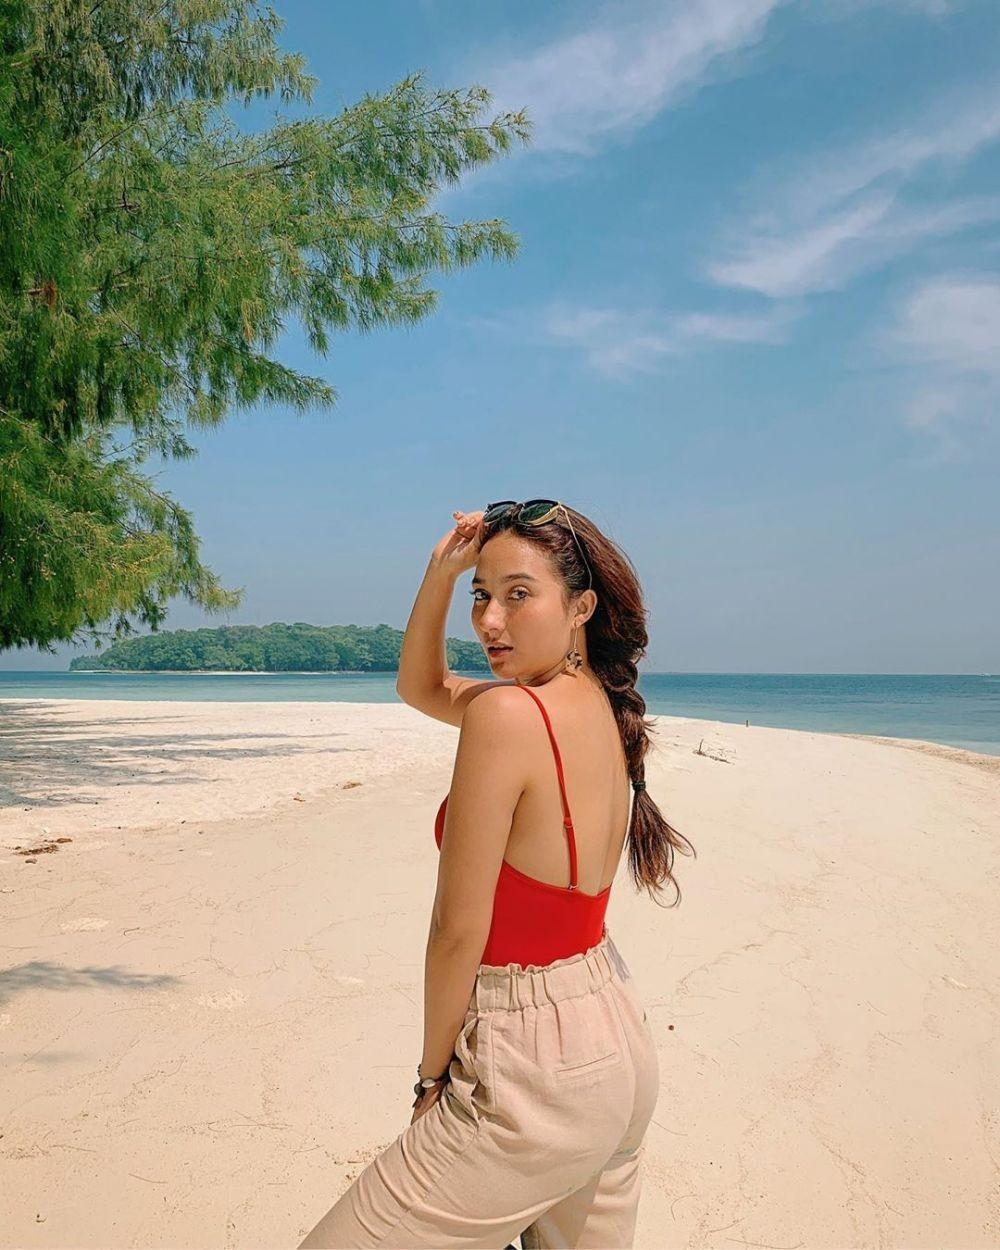 Bermain di Pantai, Inilah 10 Pesona Naomi Zaskia yang Curi Perhatian